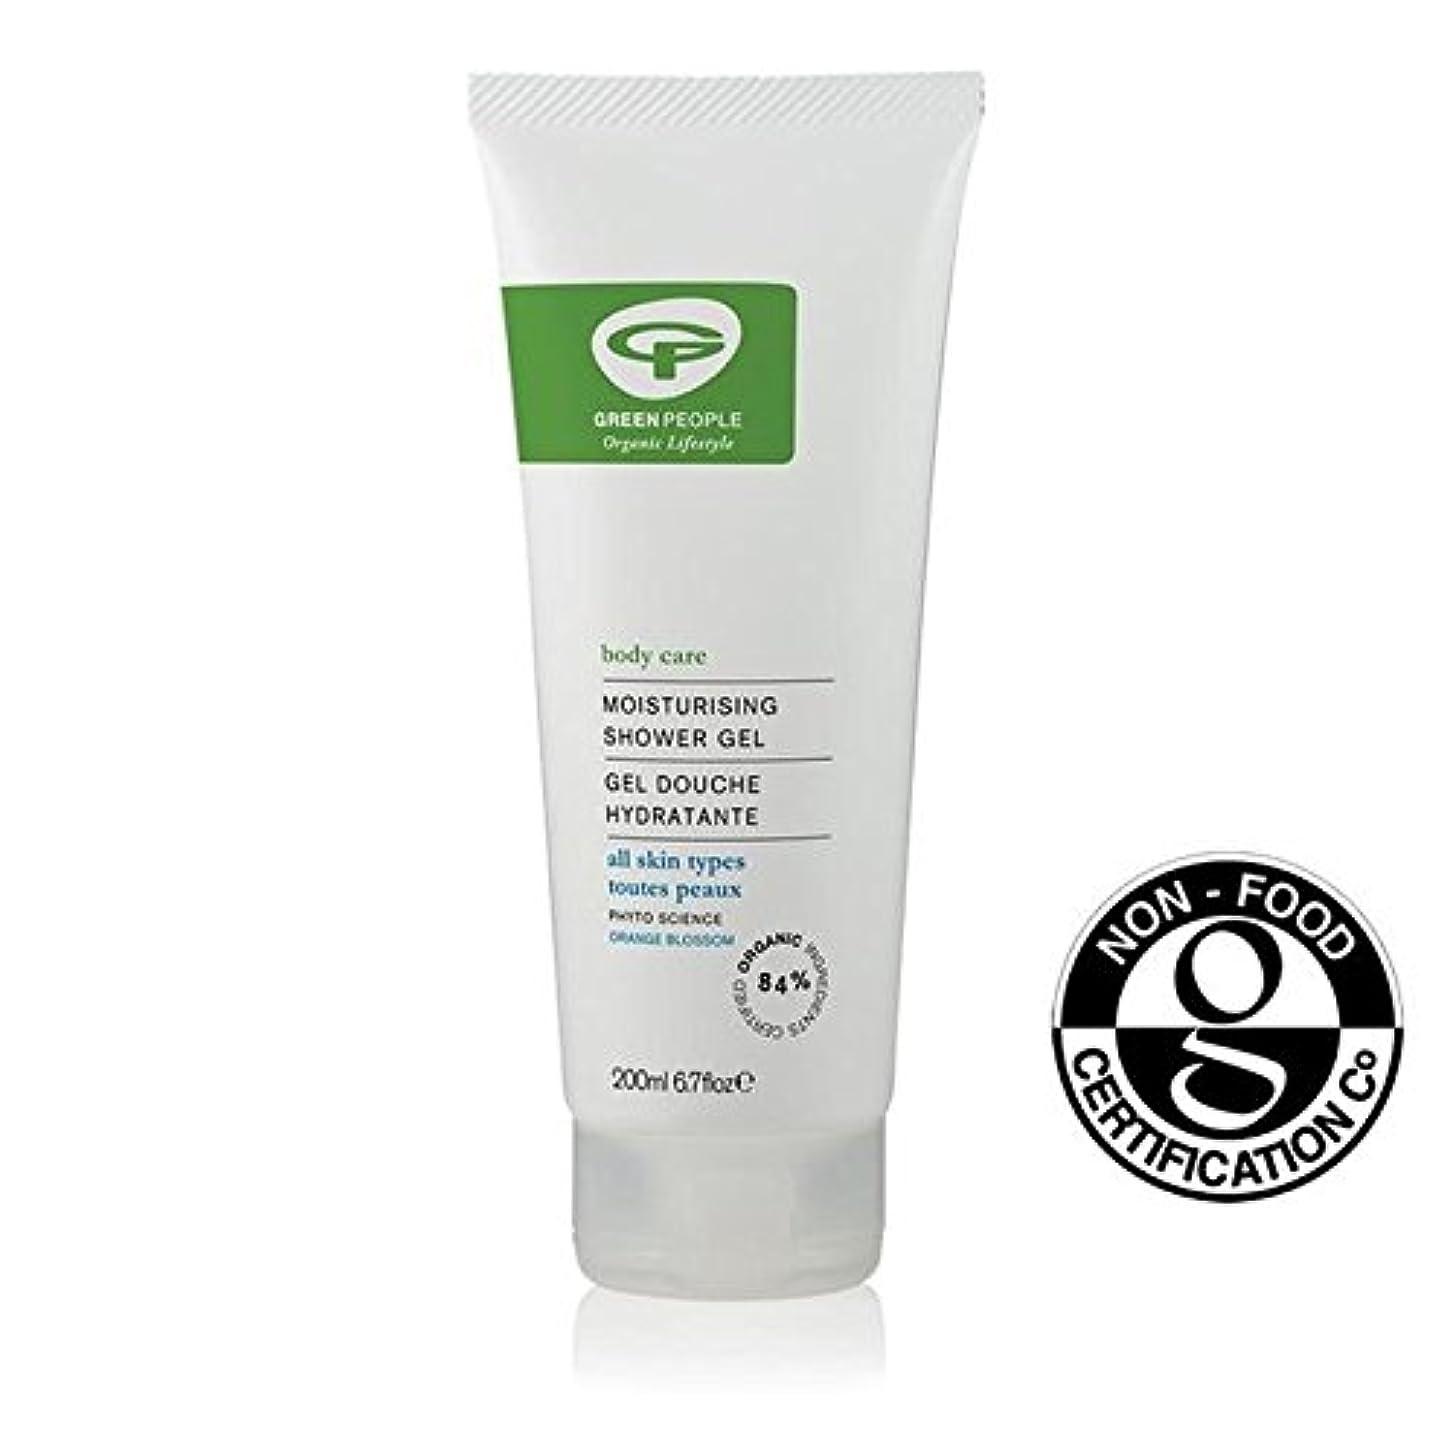 ブローホールゴール説明Green People Organic Moisturising Shower Gel 200ml (Pack of 6) - 緑の人々の有機保湿シャワージェル200 x6 [並行輸入品]